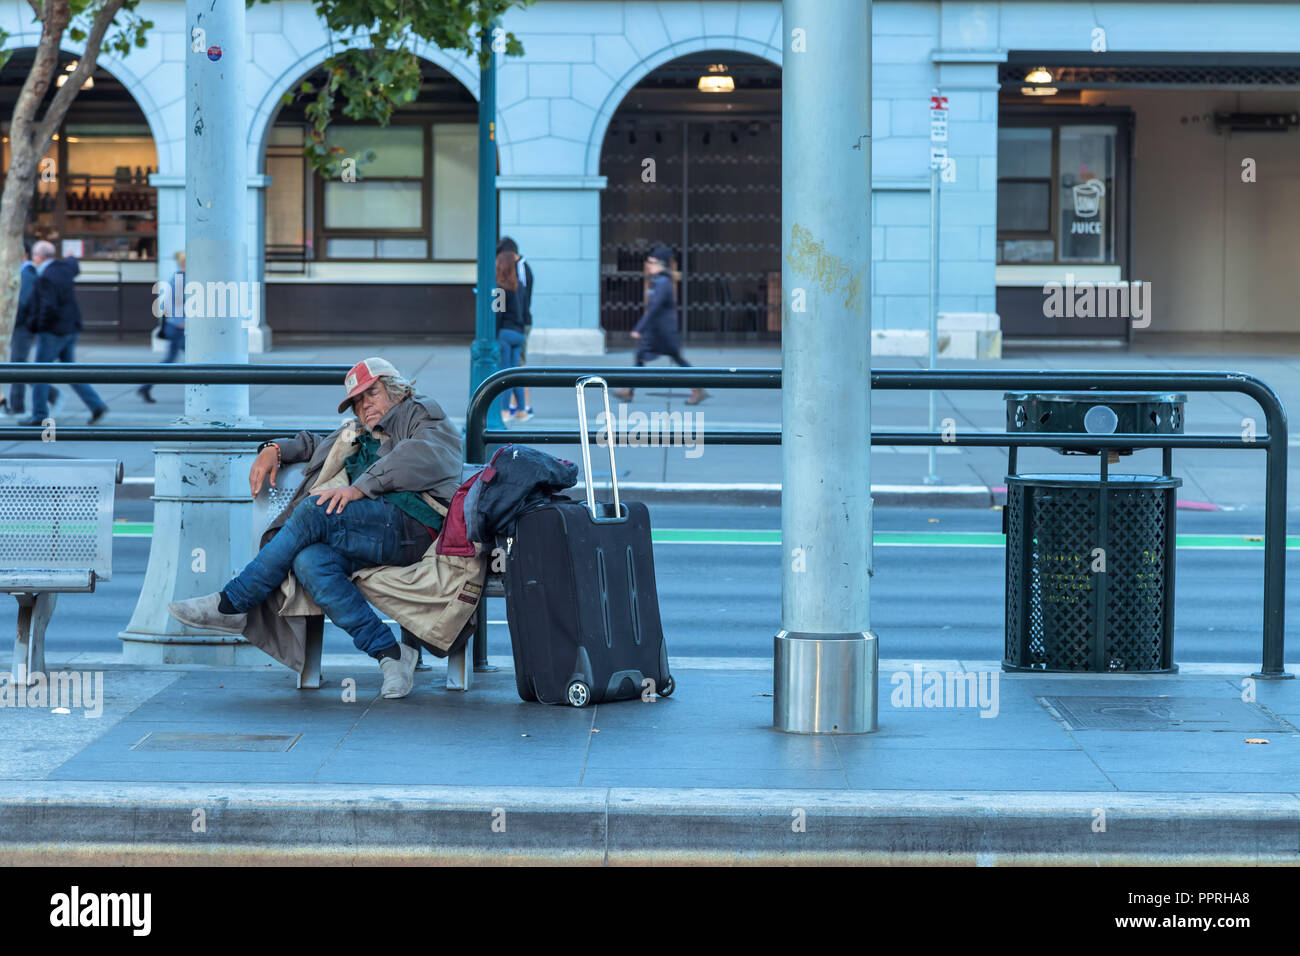 Un uomo senza tetto con i suoi beni dormiva su una panchina presso la stazione dei treni di San Francisco, California, Stati Uniti Immagini Stock